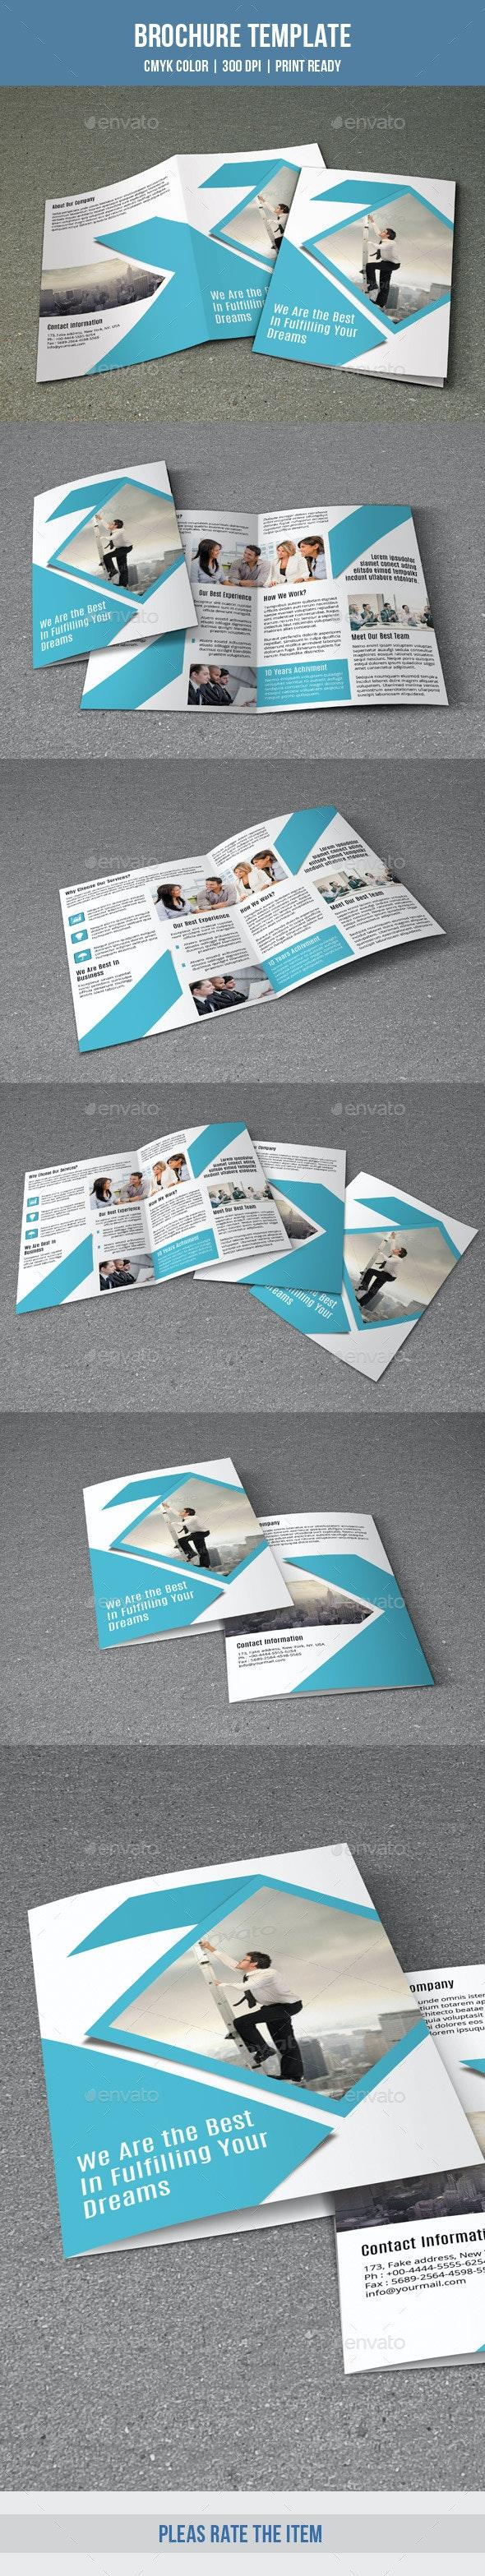 Corporate Bifold Brochure-V159 - Corporate Brochures